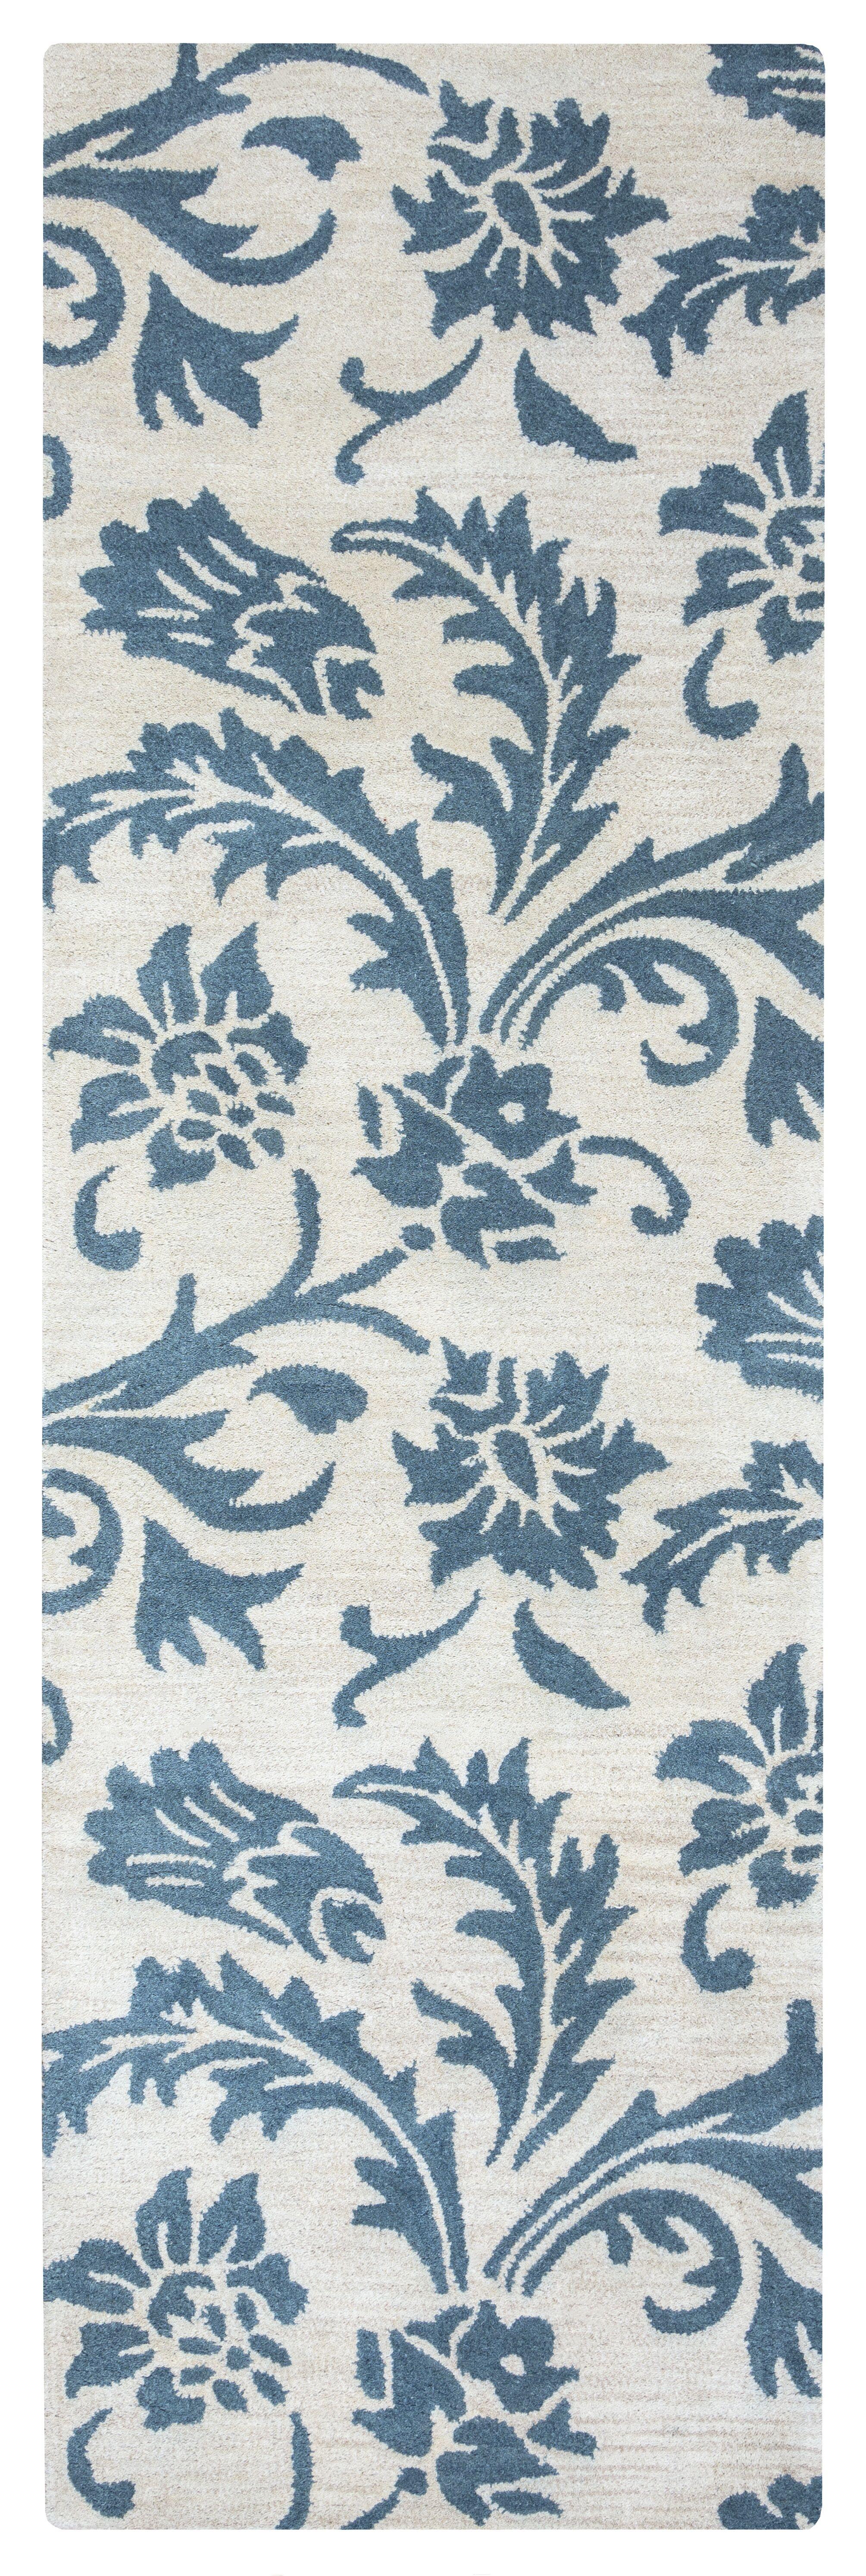 Ostrander Hand-Tufted Blue/Beige Area Rug Rug Size: Rectangle 5' x 8'